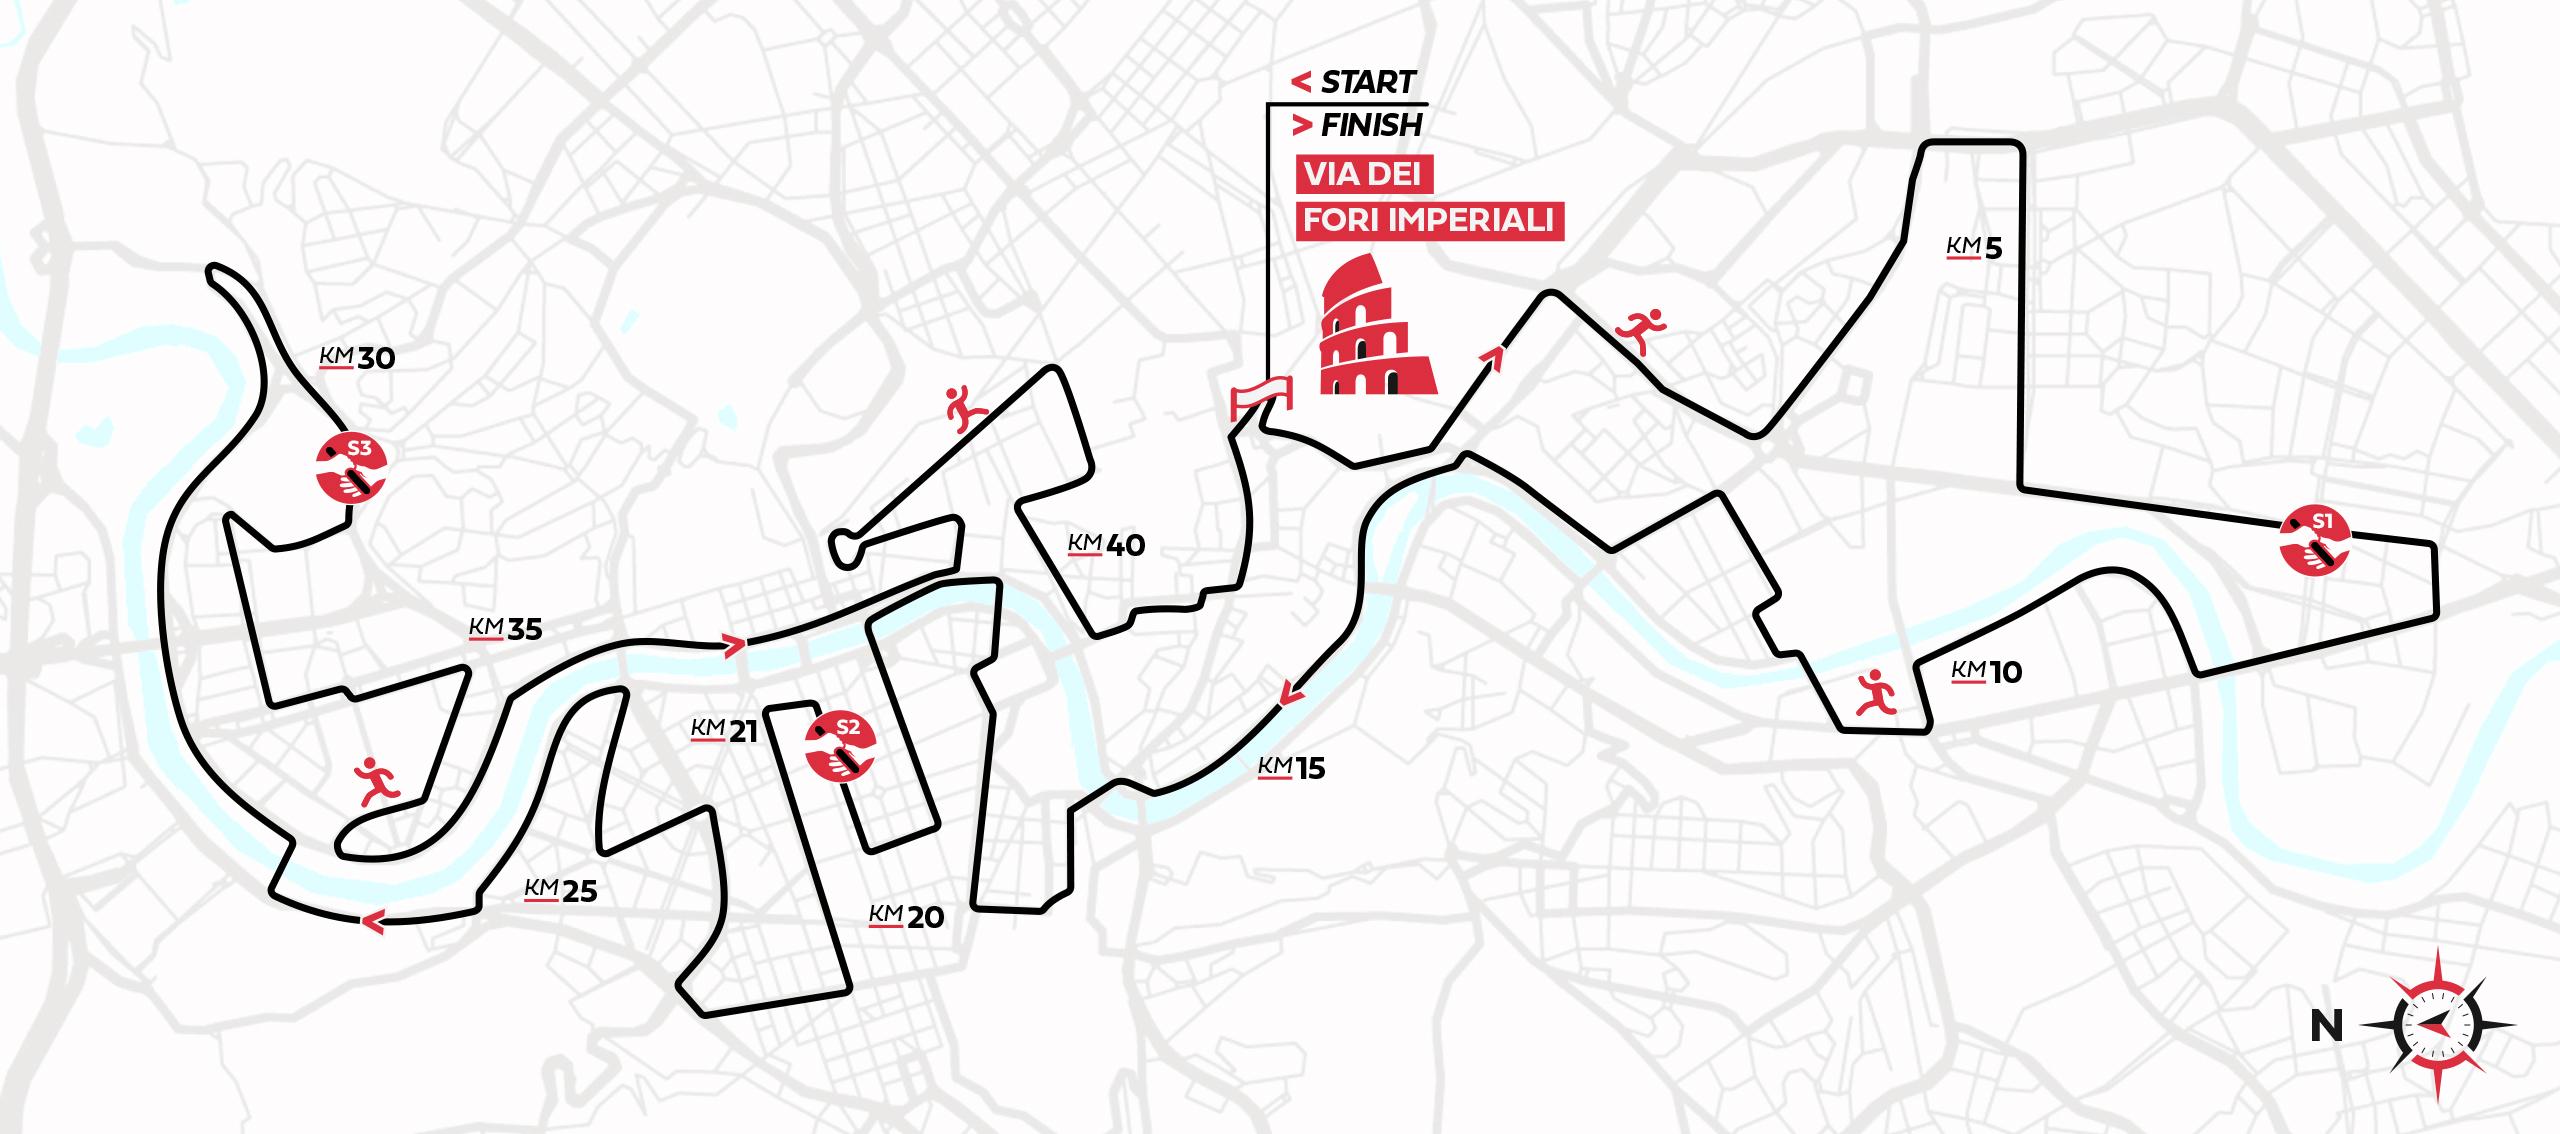 percorso maratona di roma 2021